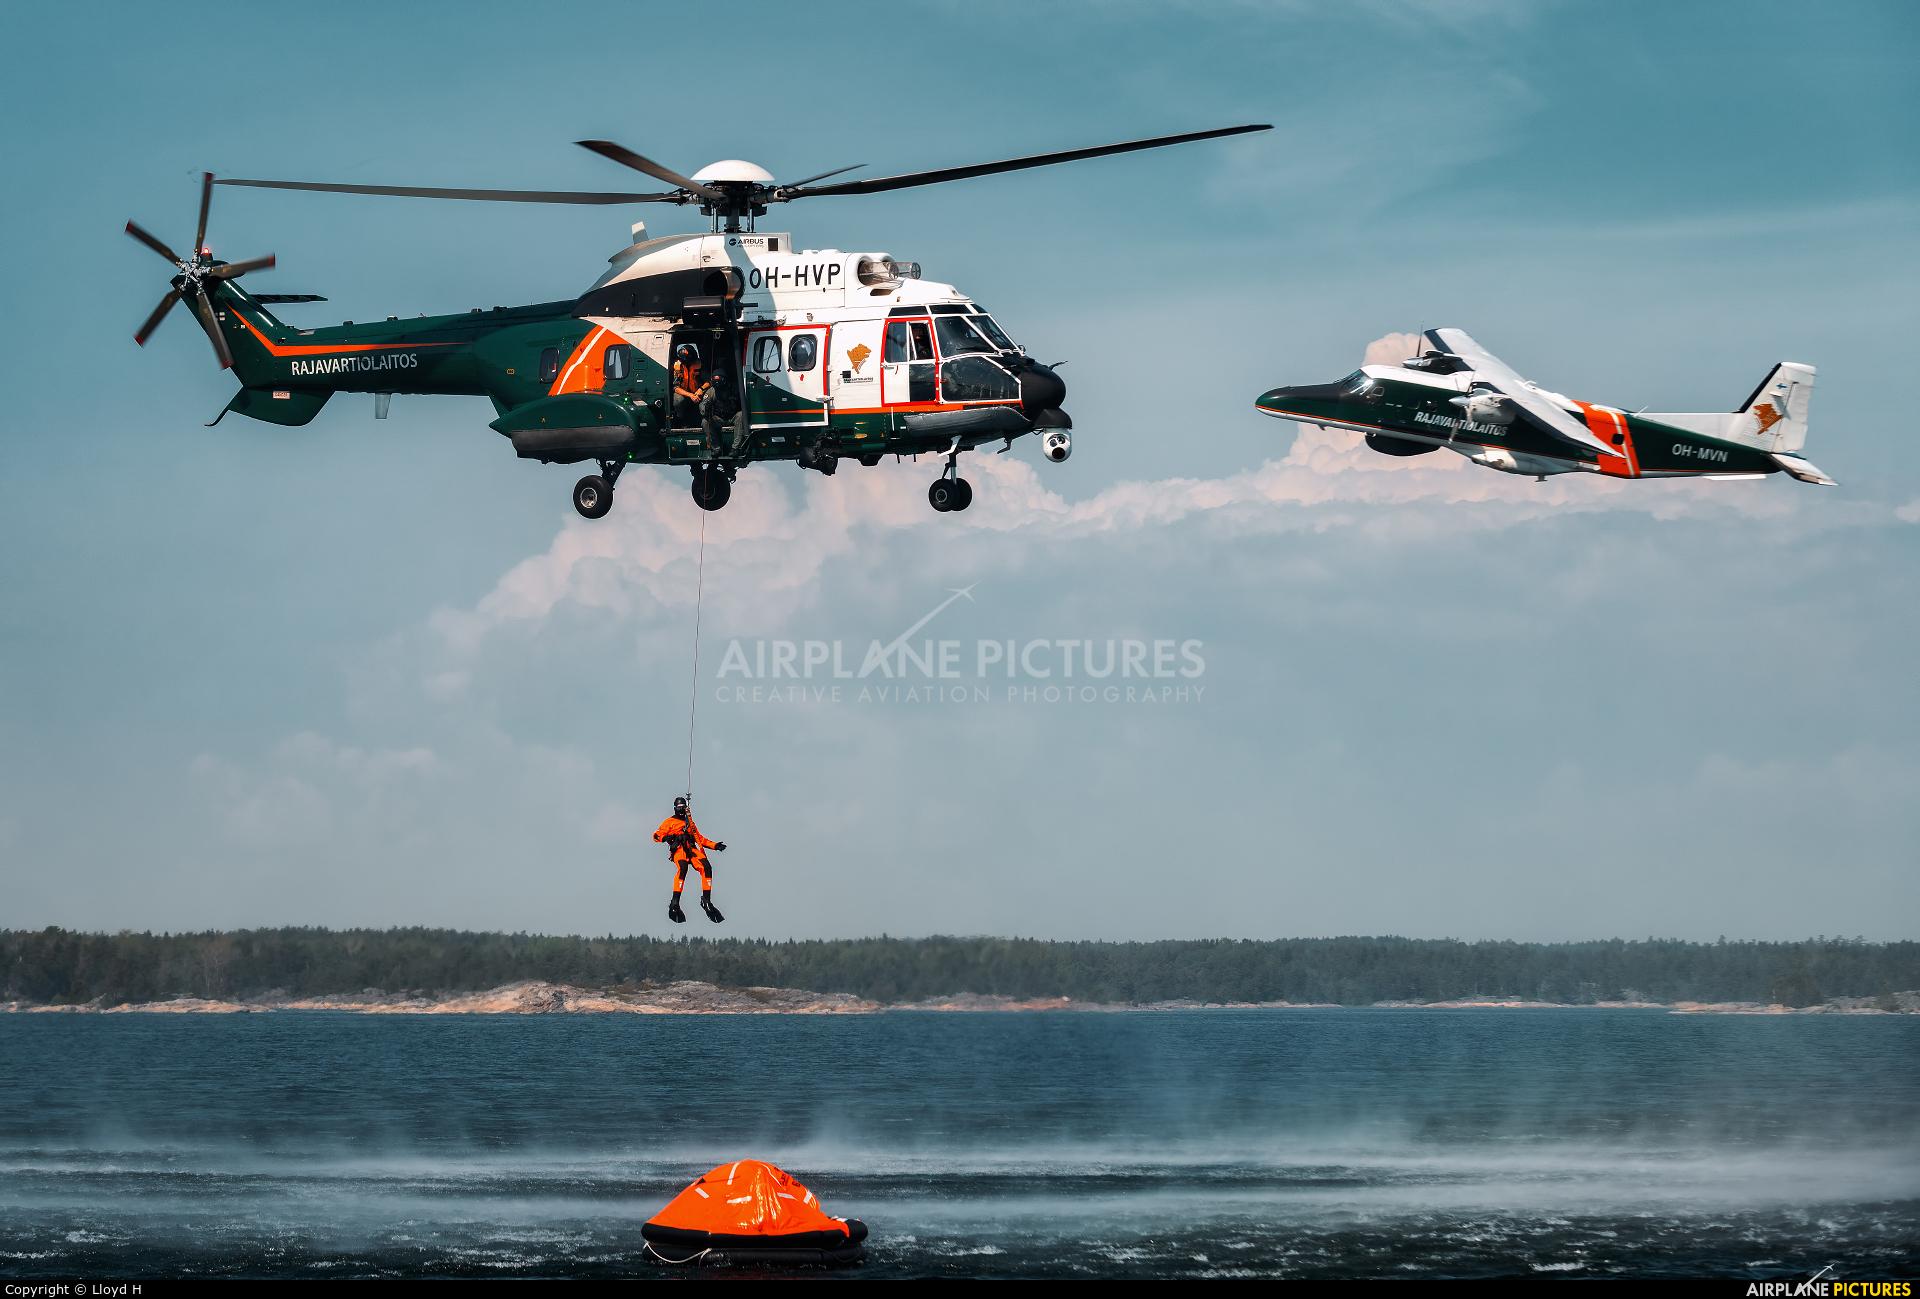 Finland - Border Guard OH-HVP aircraft at Off Airport - Finland